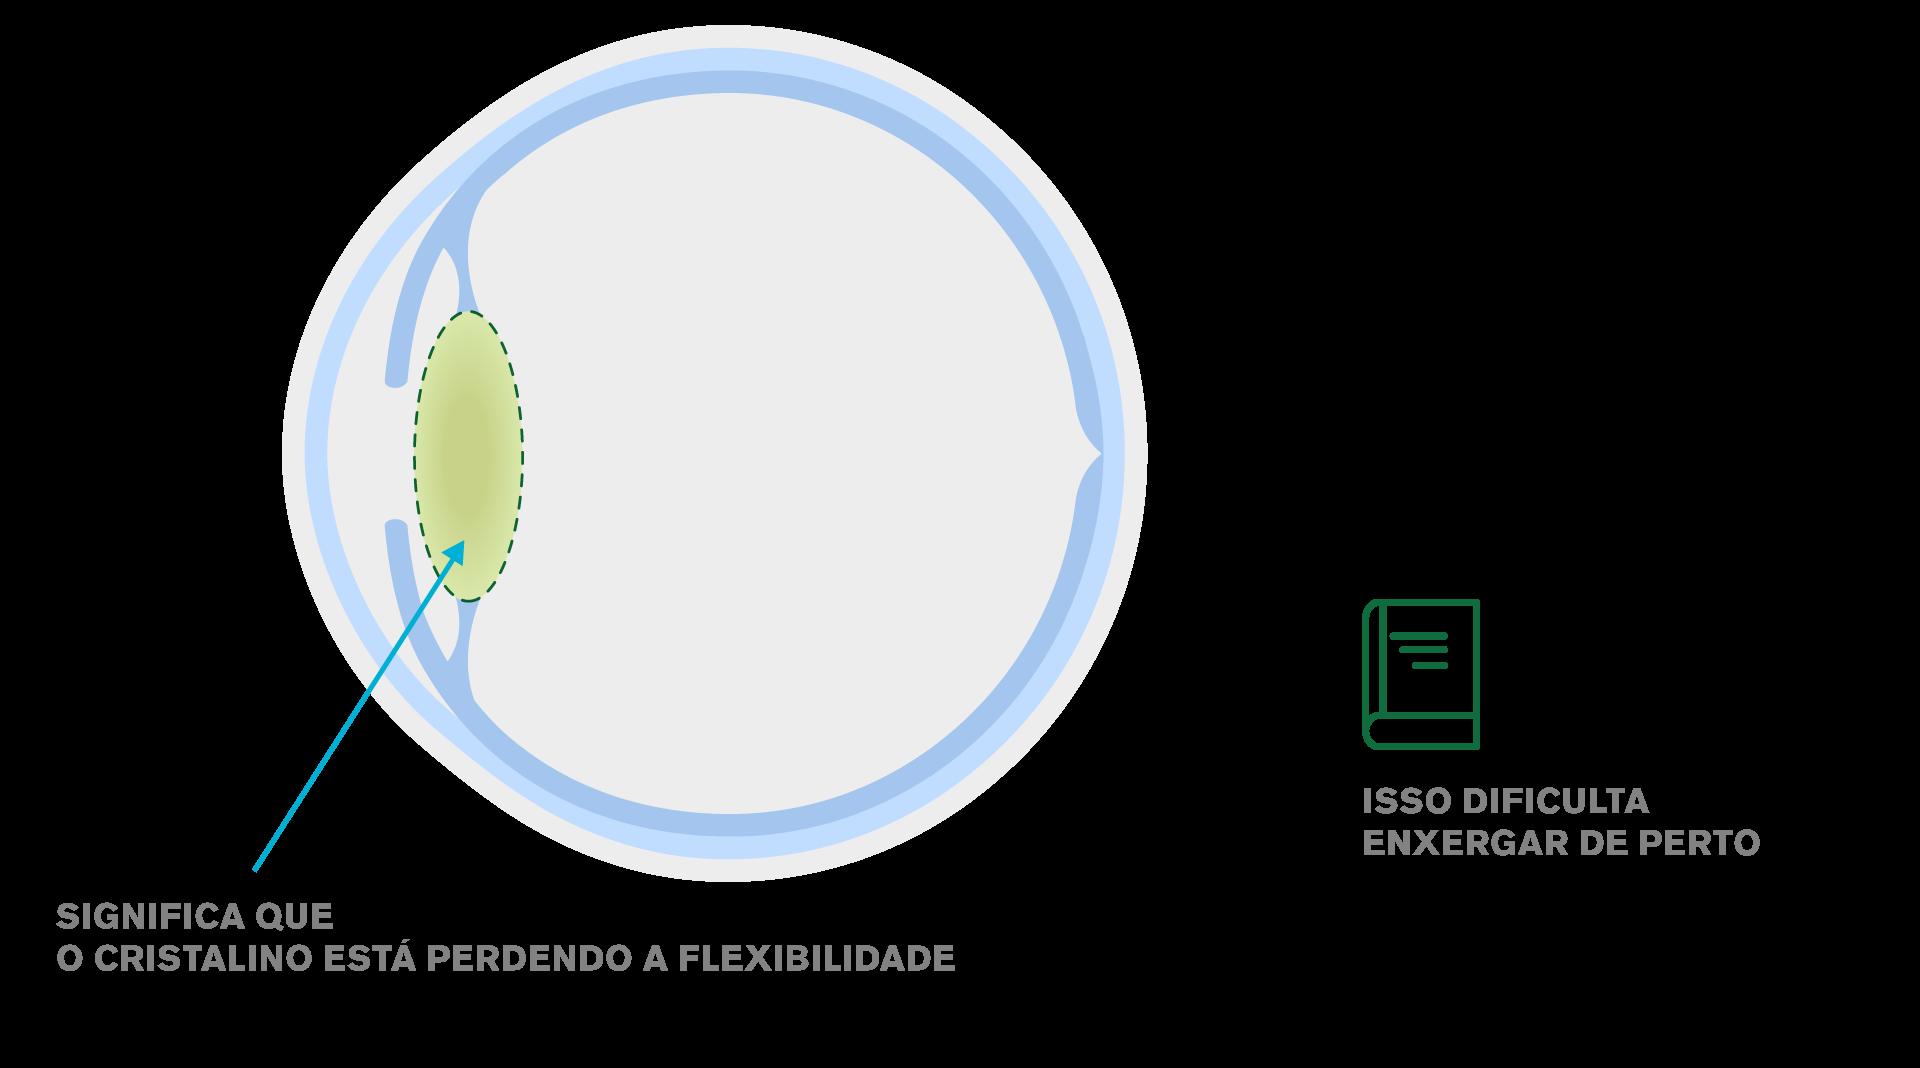 Imagem de um cristalino com presbiopia